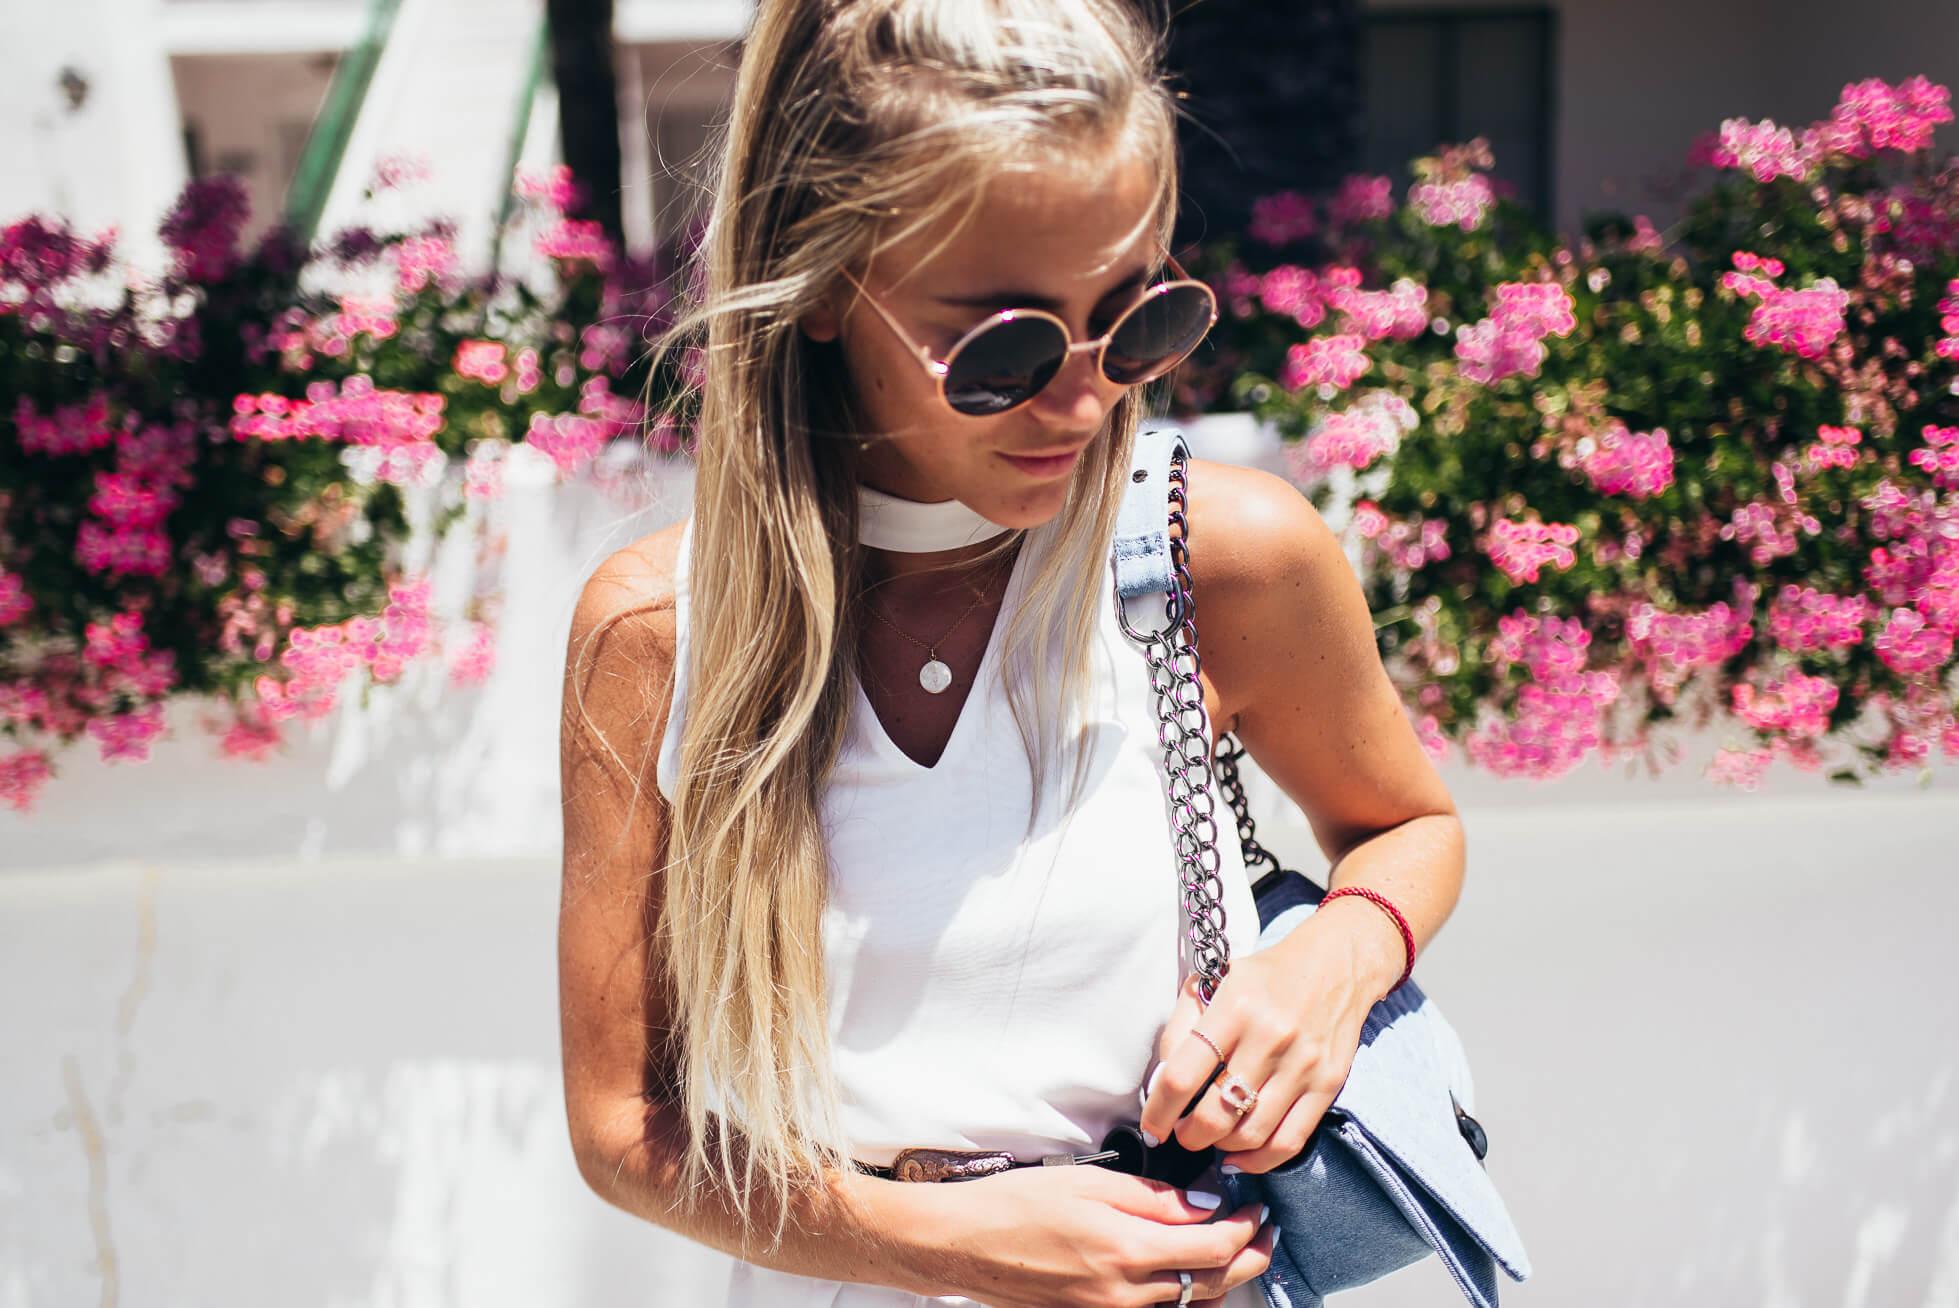 janni-deler-perfect-white-dressDSC_7802